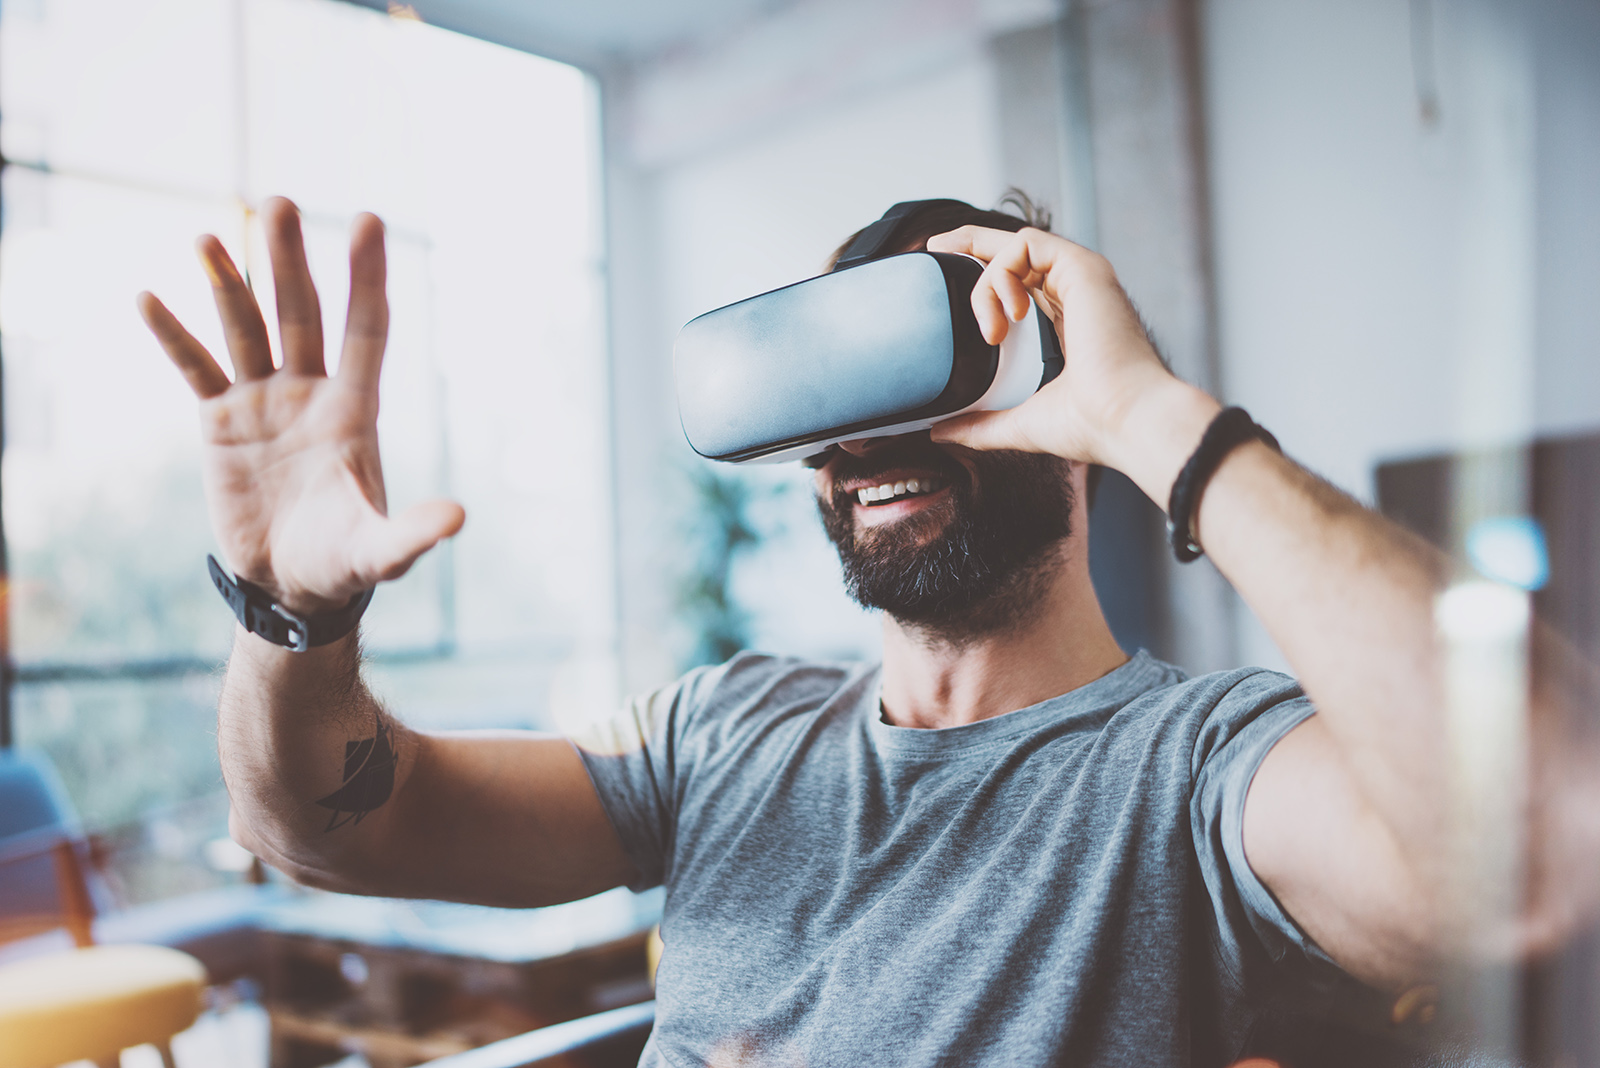 Mann testet 3D Brille im Sitzen zuhause im Wohnzimmer mit erhobener Hand